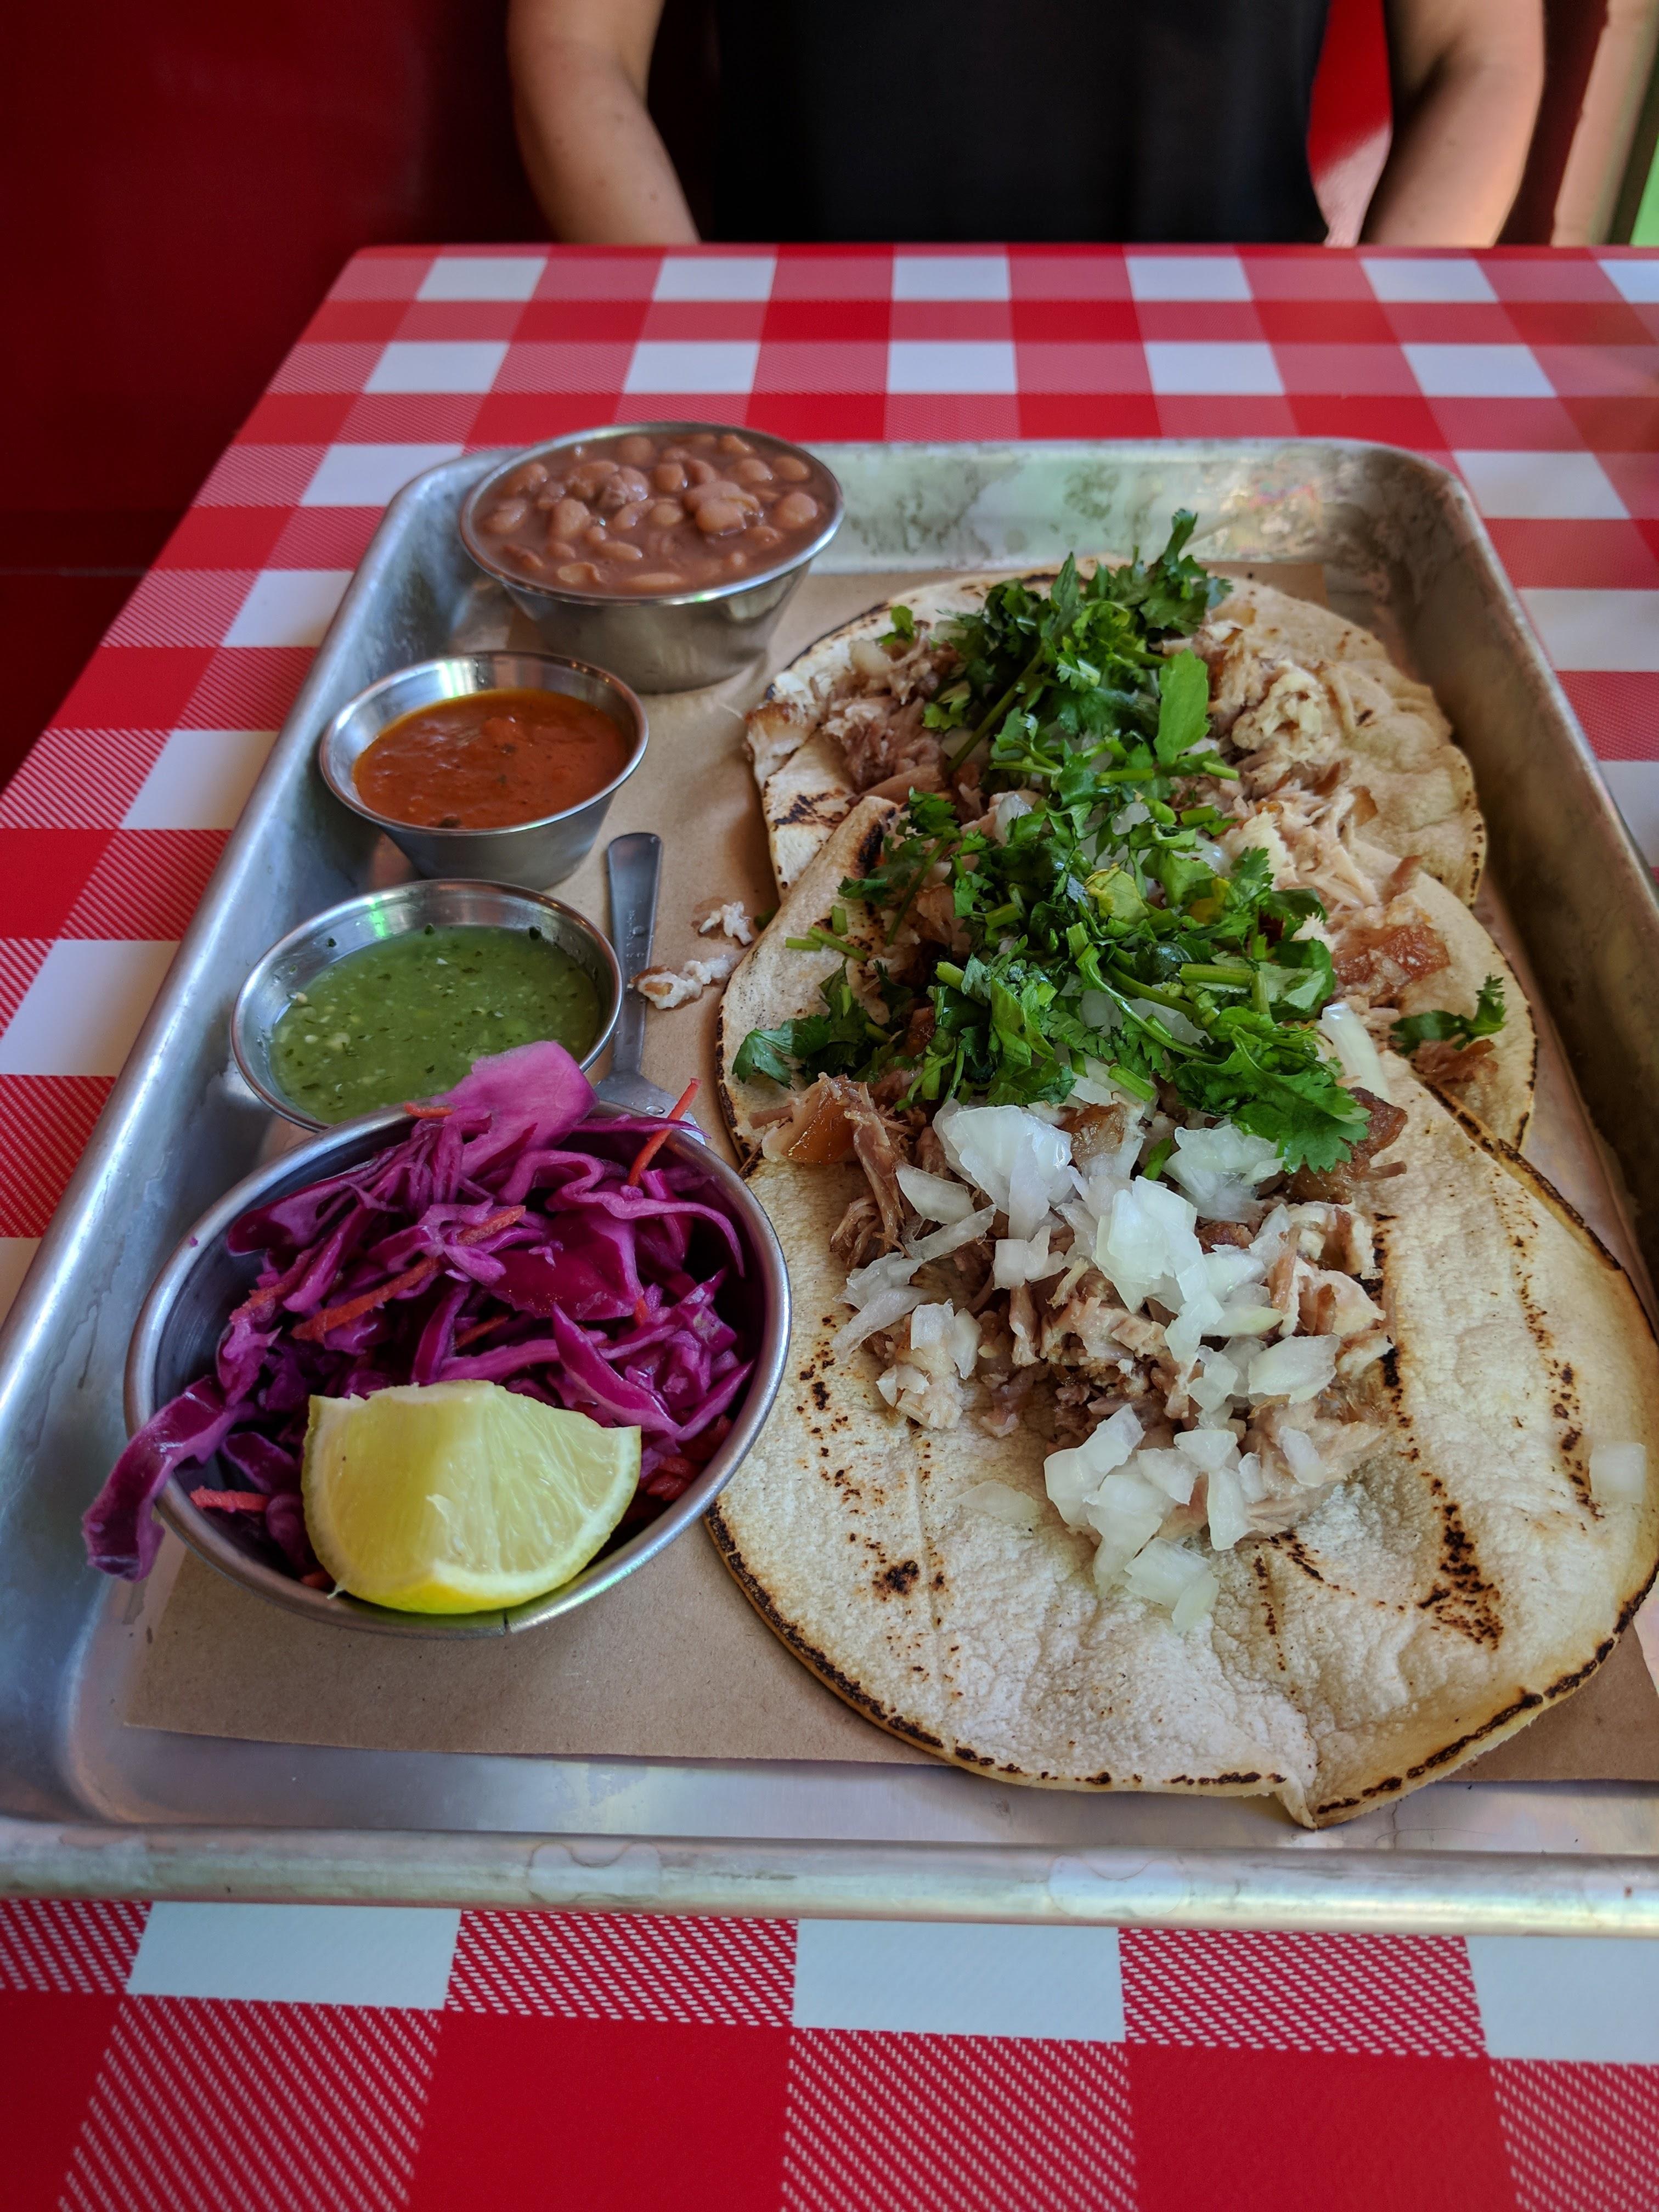 Carnitas tacos at Chancho